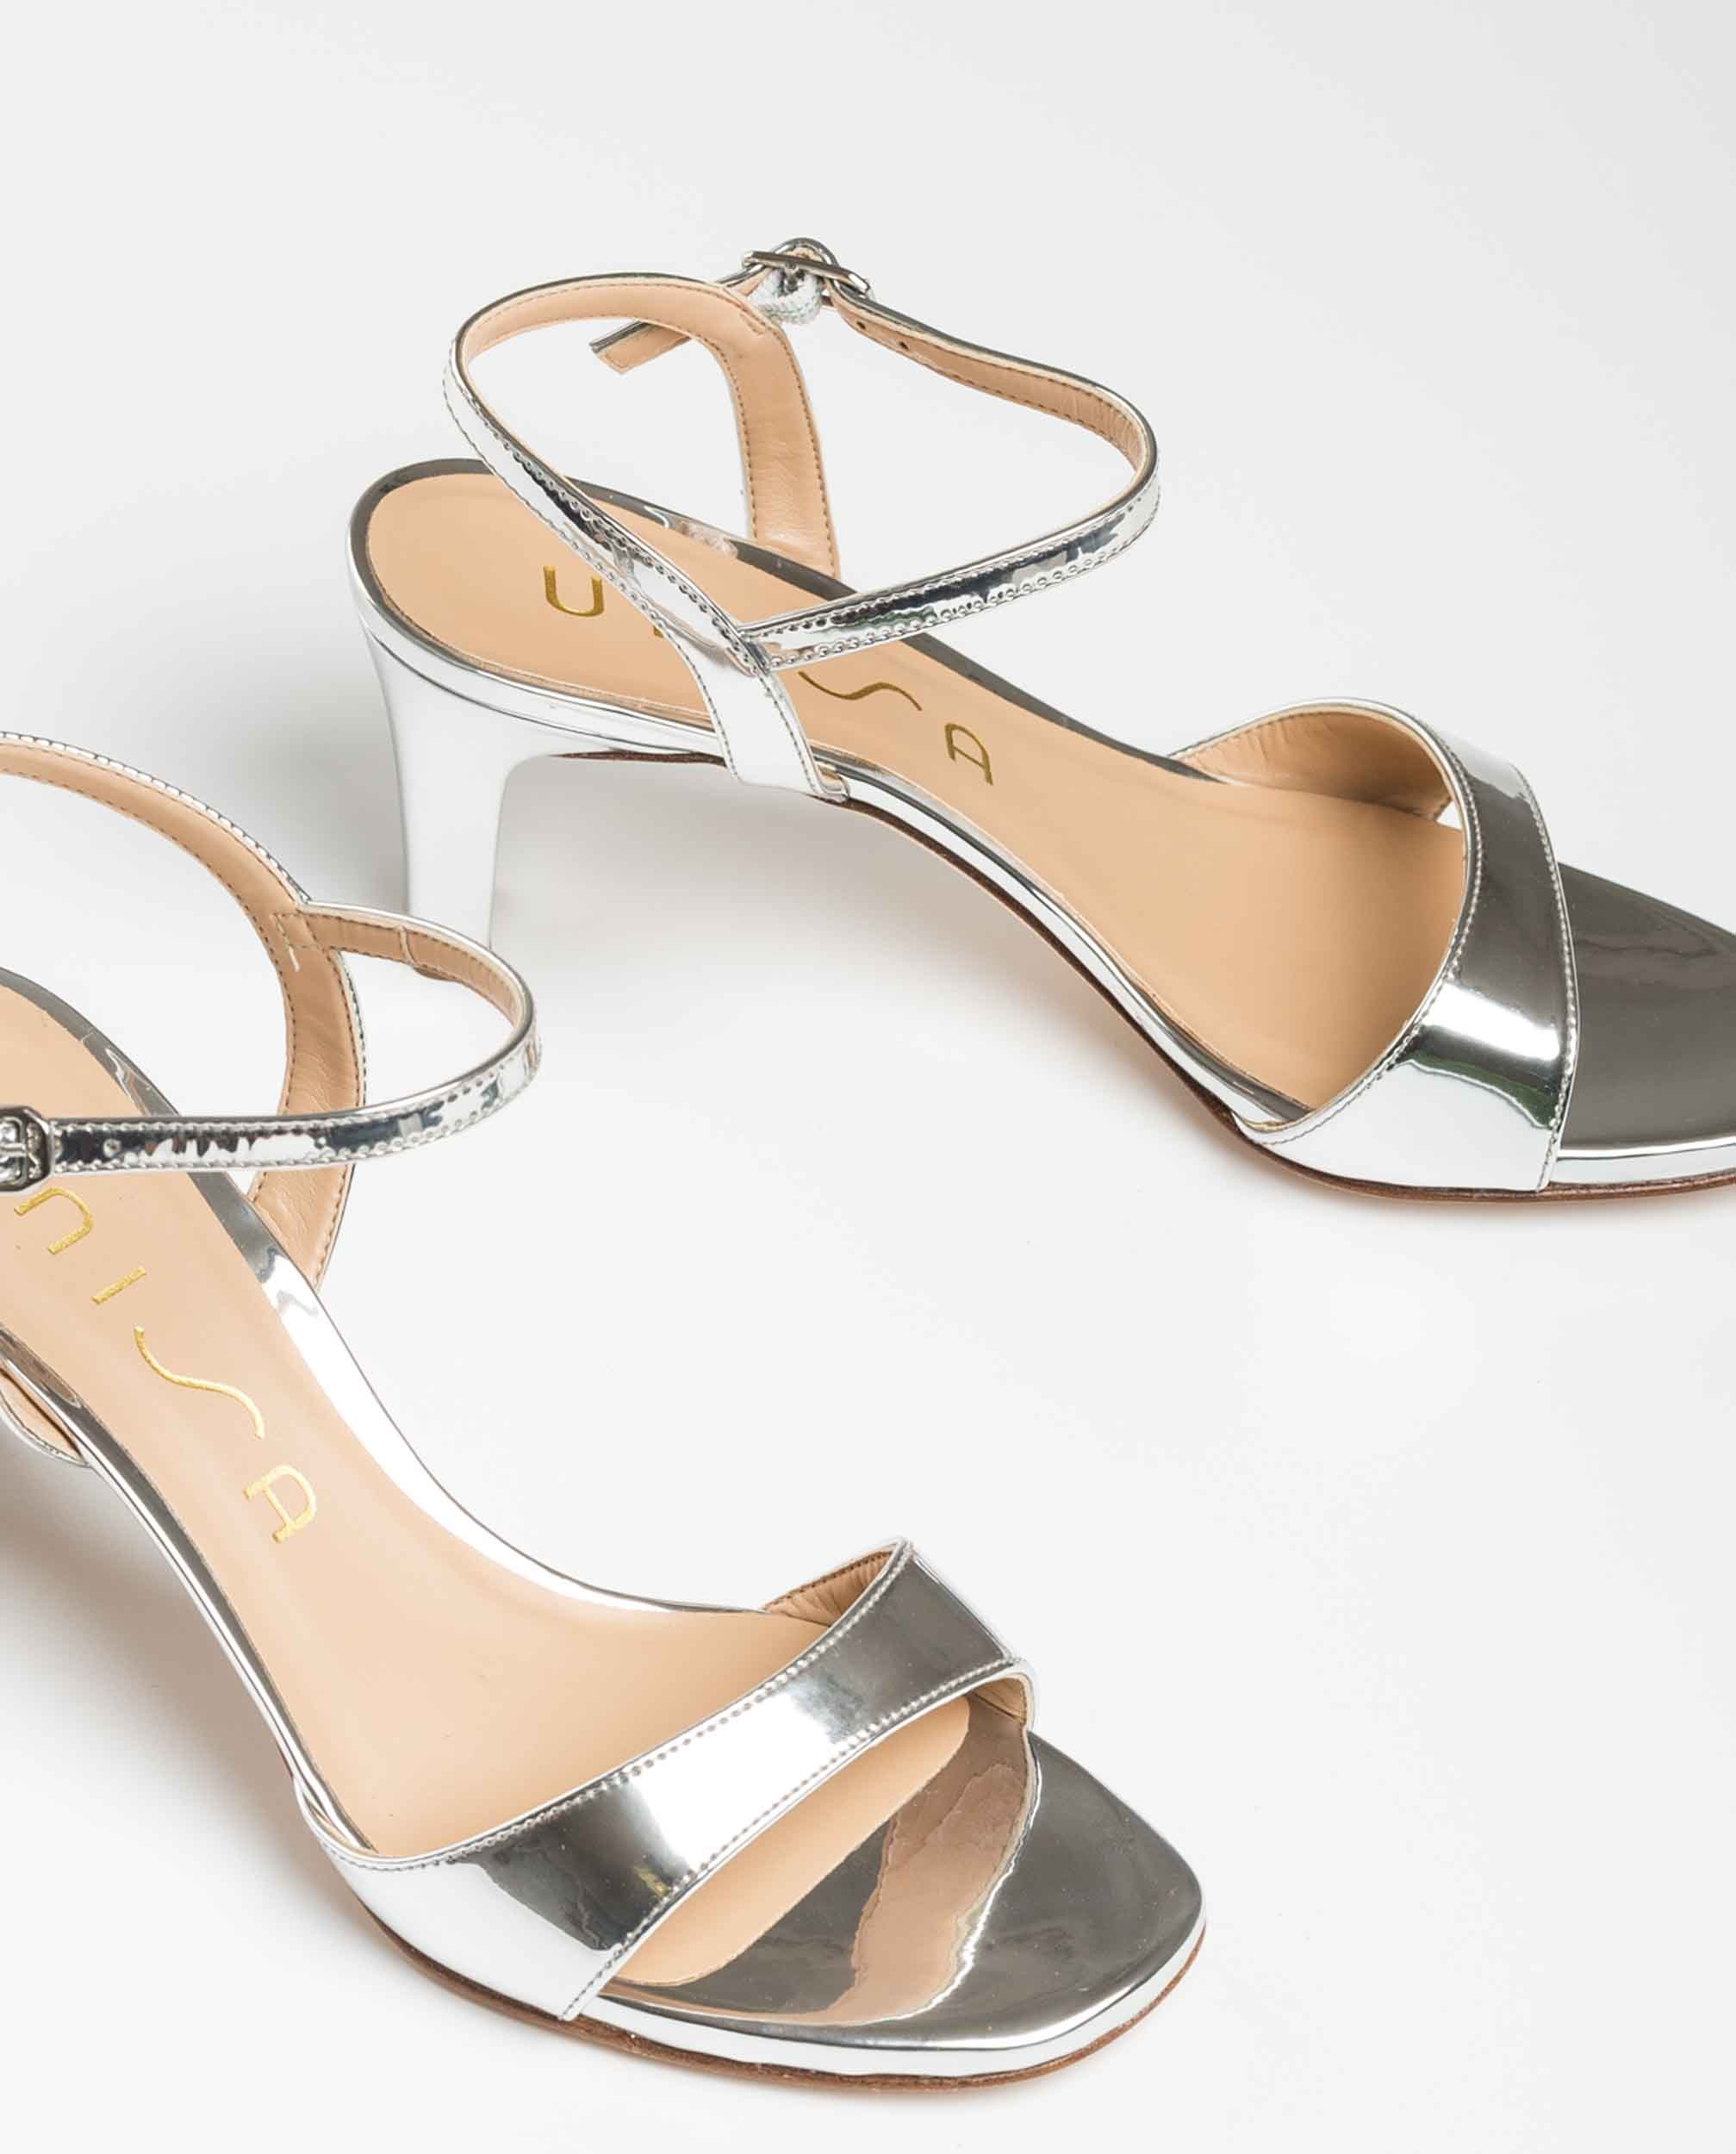 UNISA Silberne Sandaletten mit mittelhohem Absatz MECHI_SP silver 5